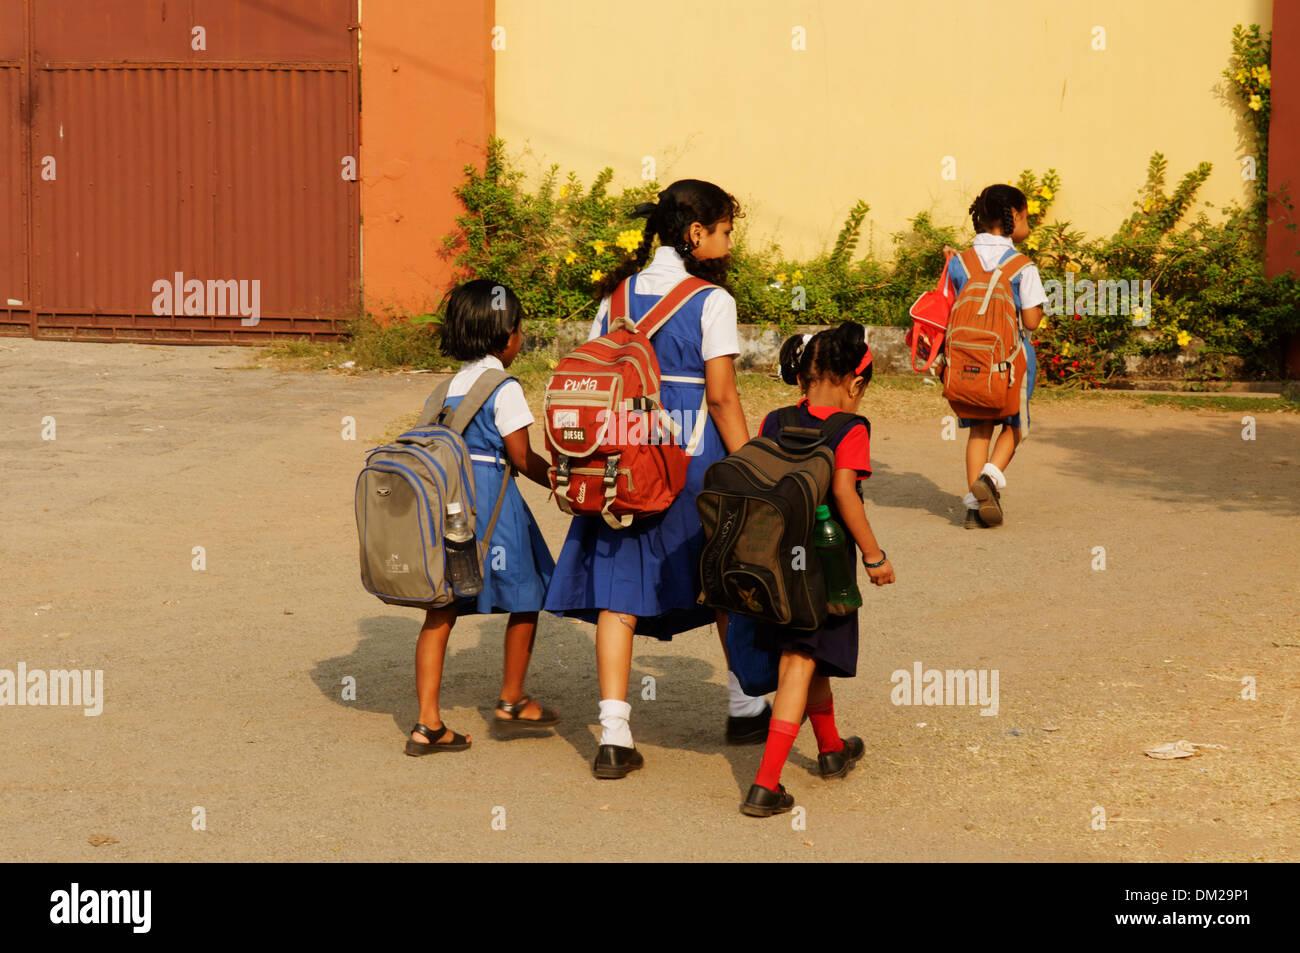 Indian schoolchildren - Stock Image